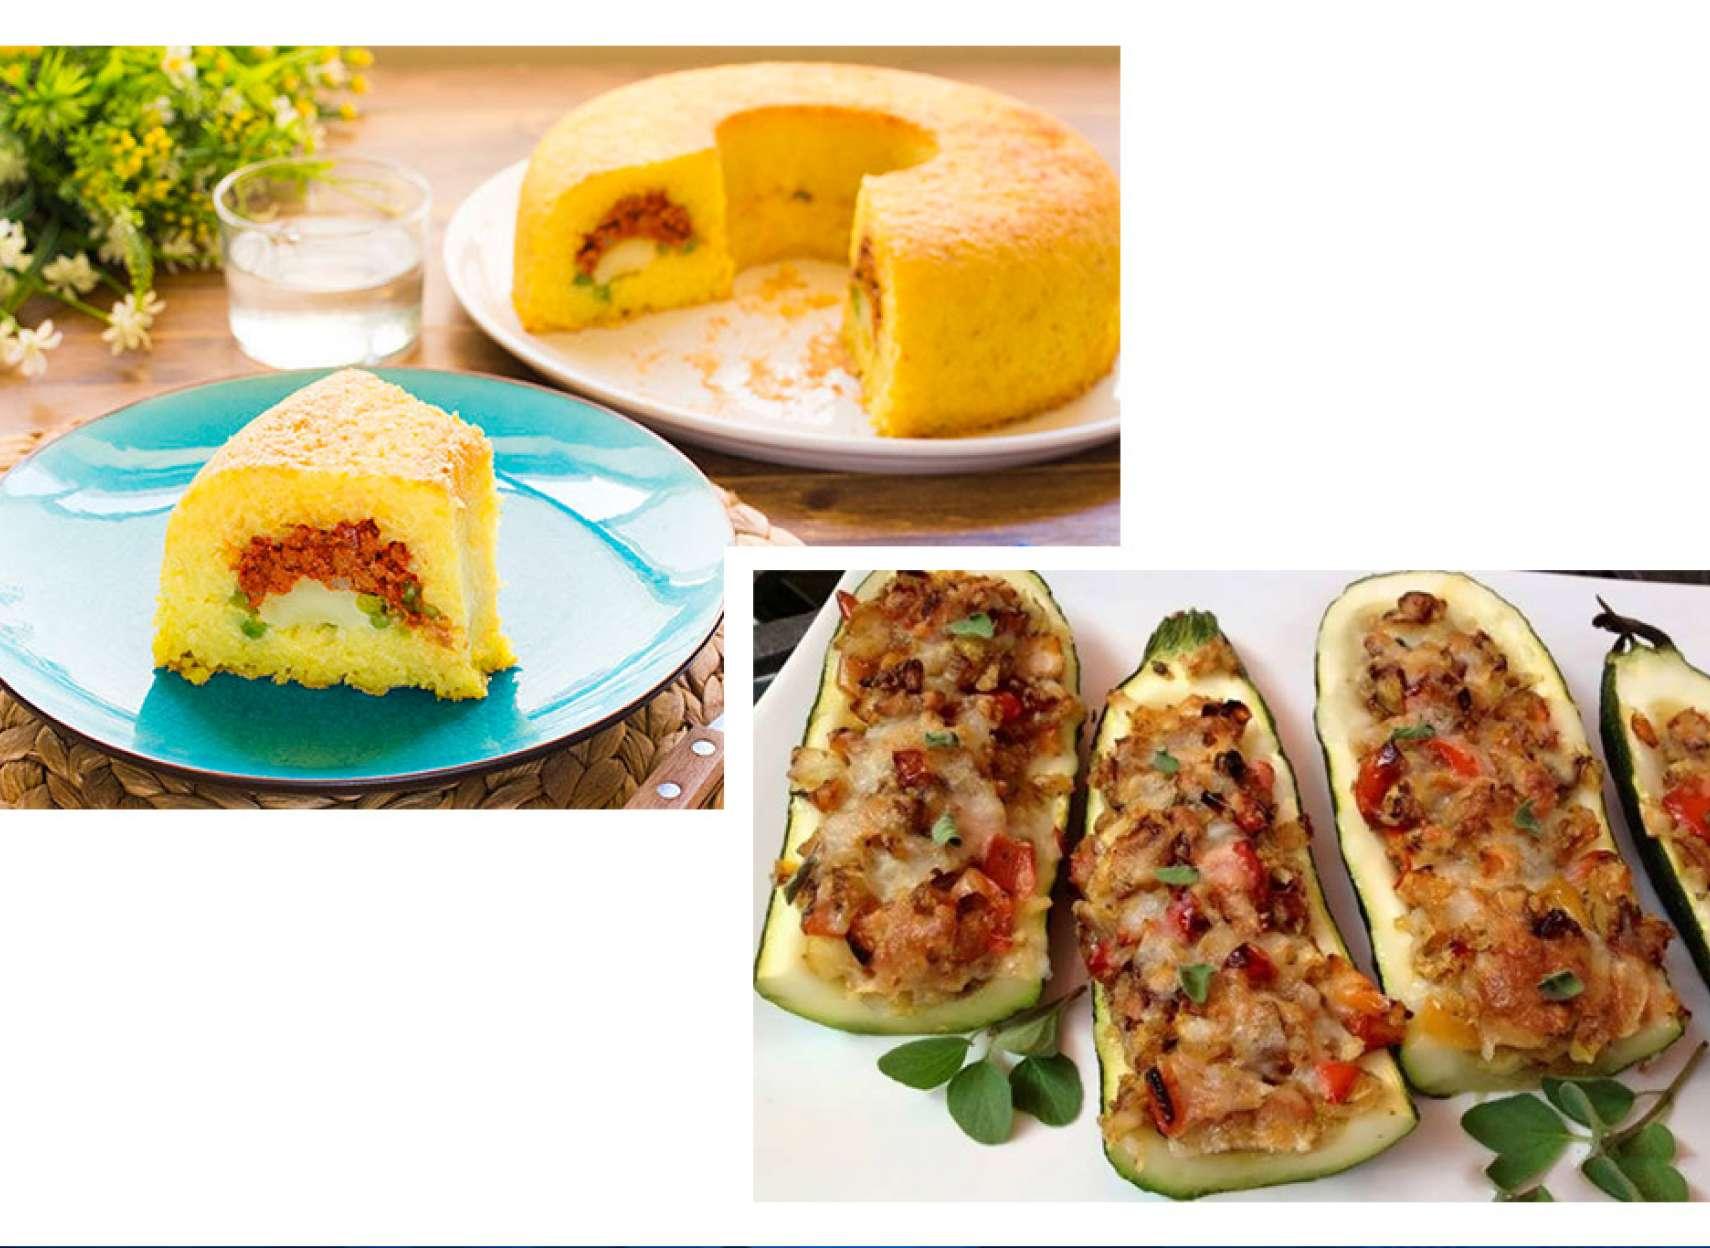 آشپزی-ترابی-کدو-سبز-شکمپر-کیک-برنج-ریزوتو-و-گوشت